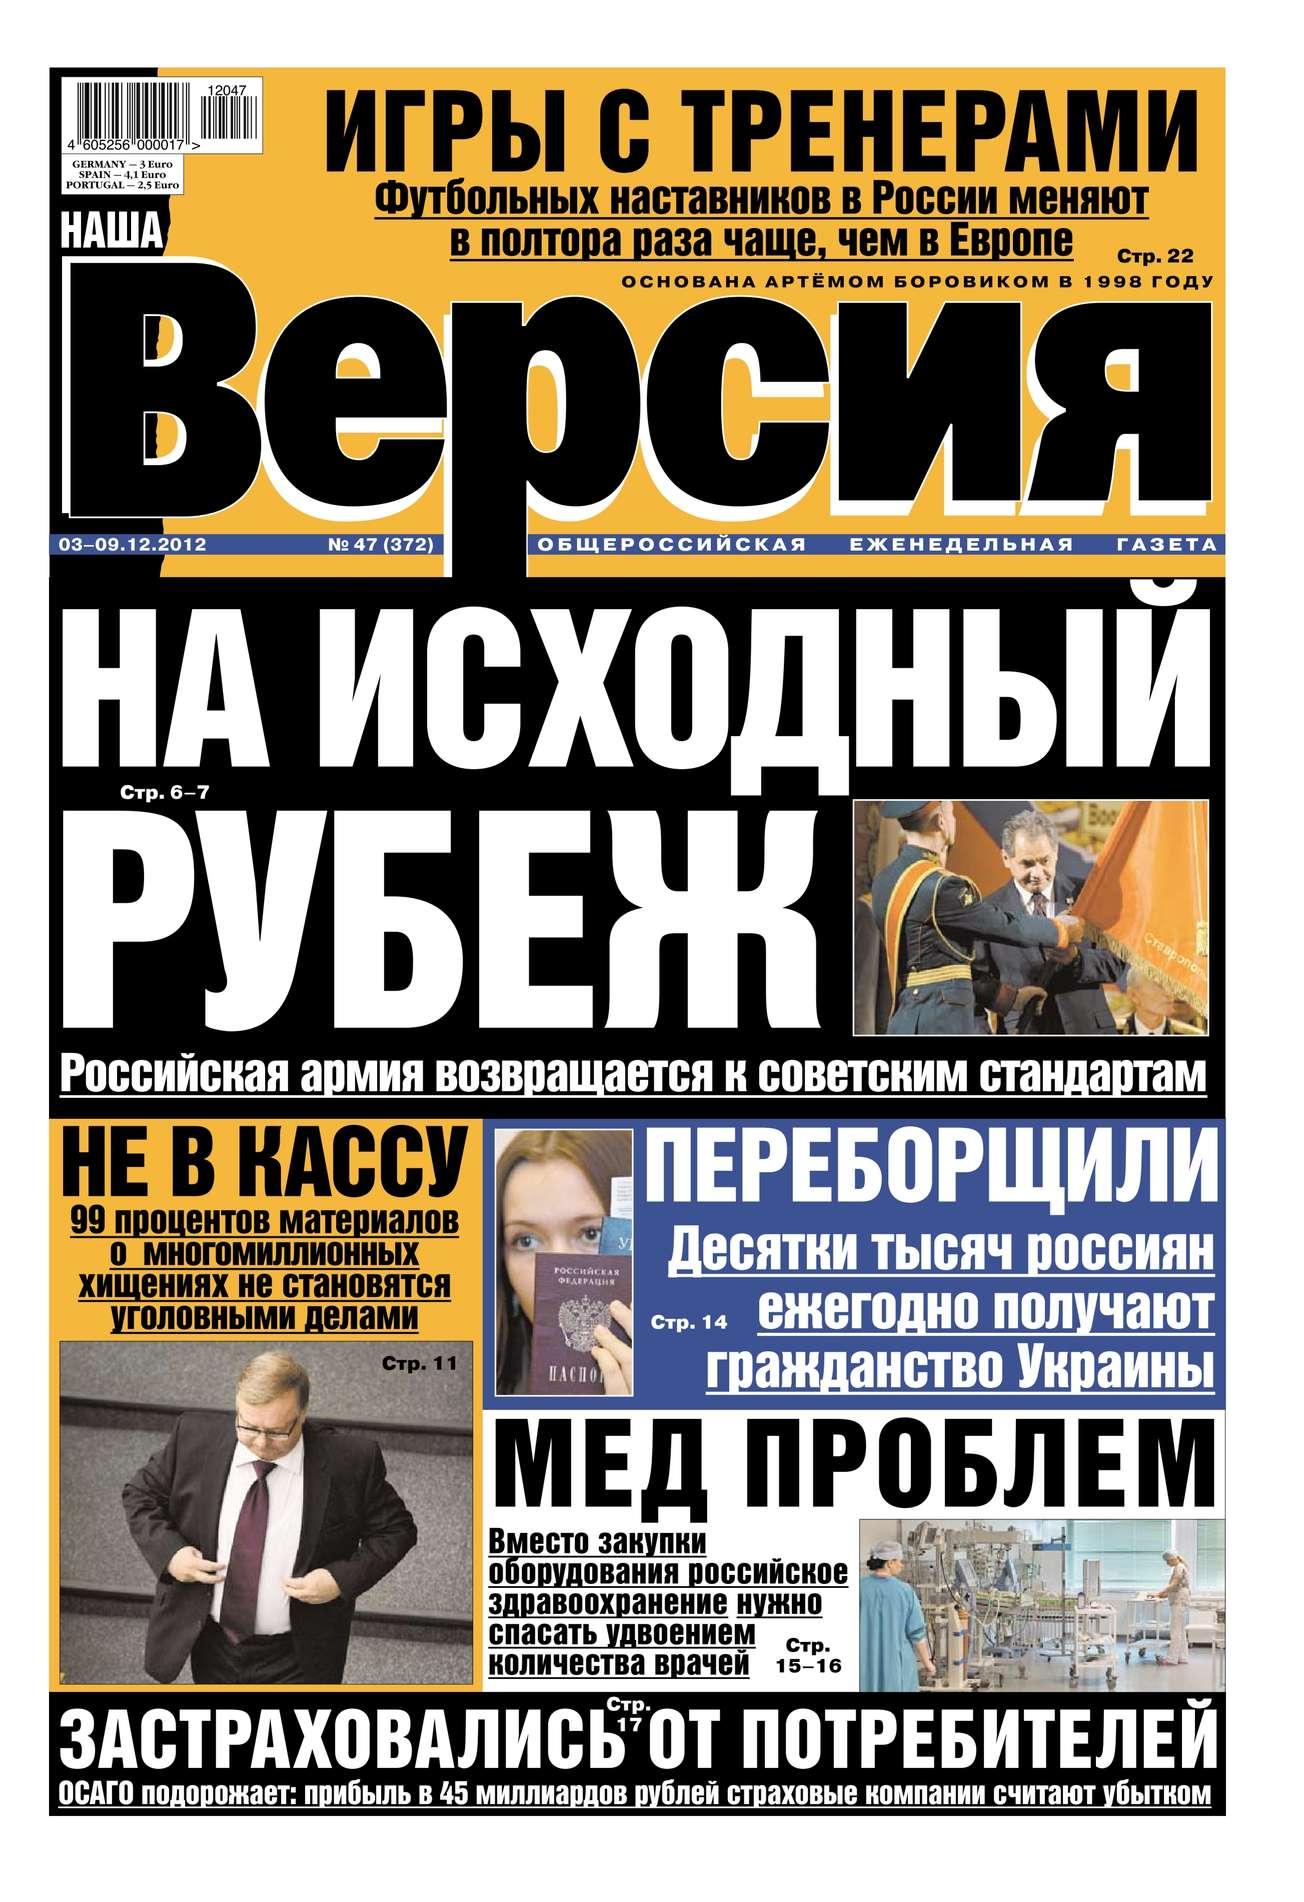 Редакция газеты Наша Версия Наша версия 47-12-2012 цена